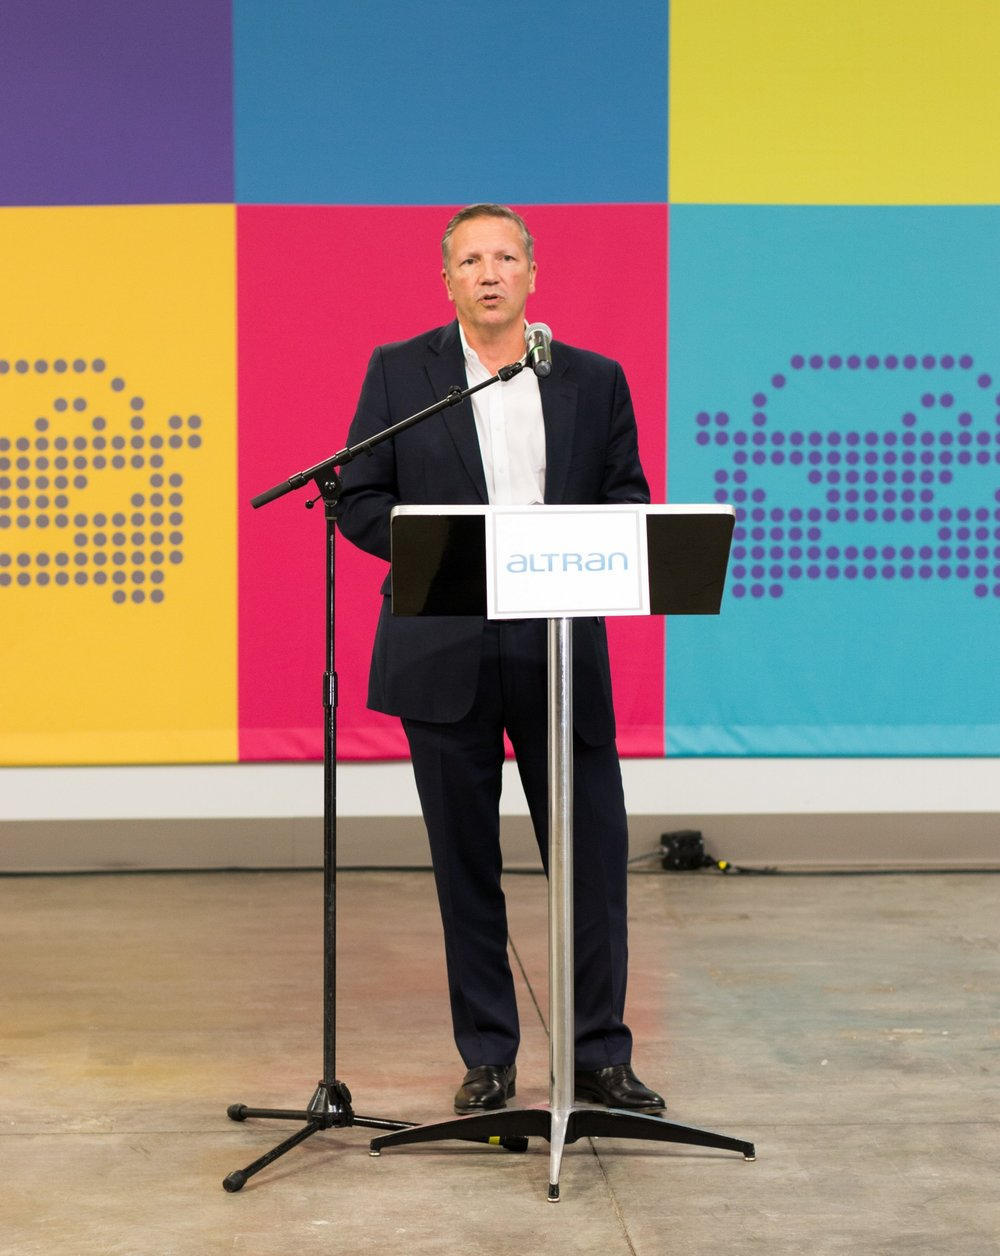 Rob Vatter, CEO, Altran NA